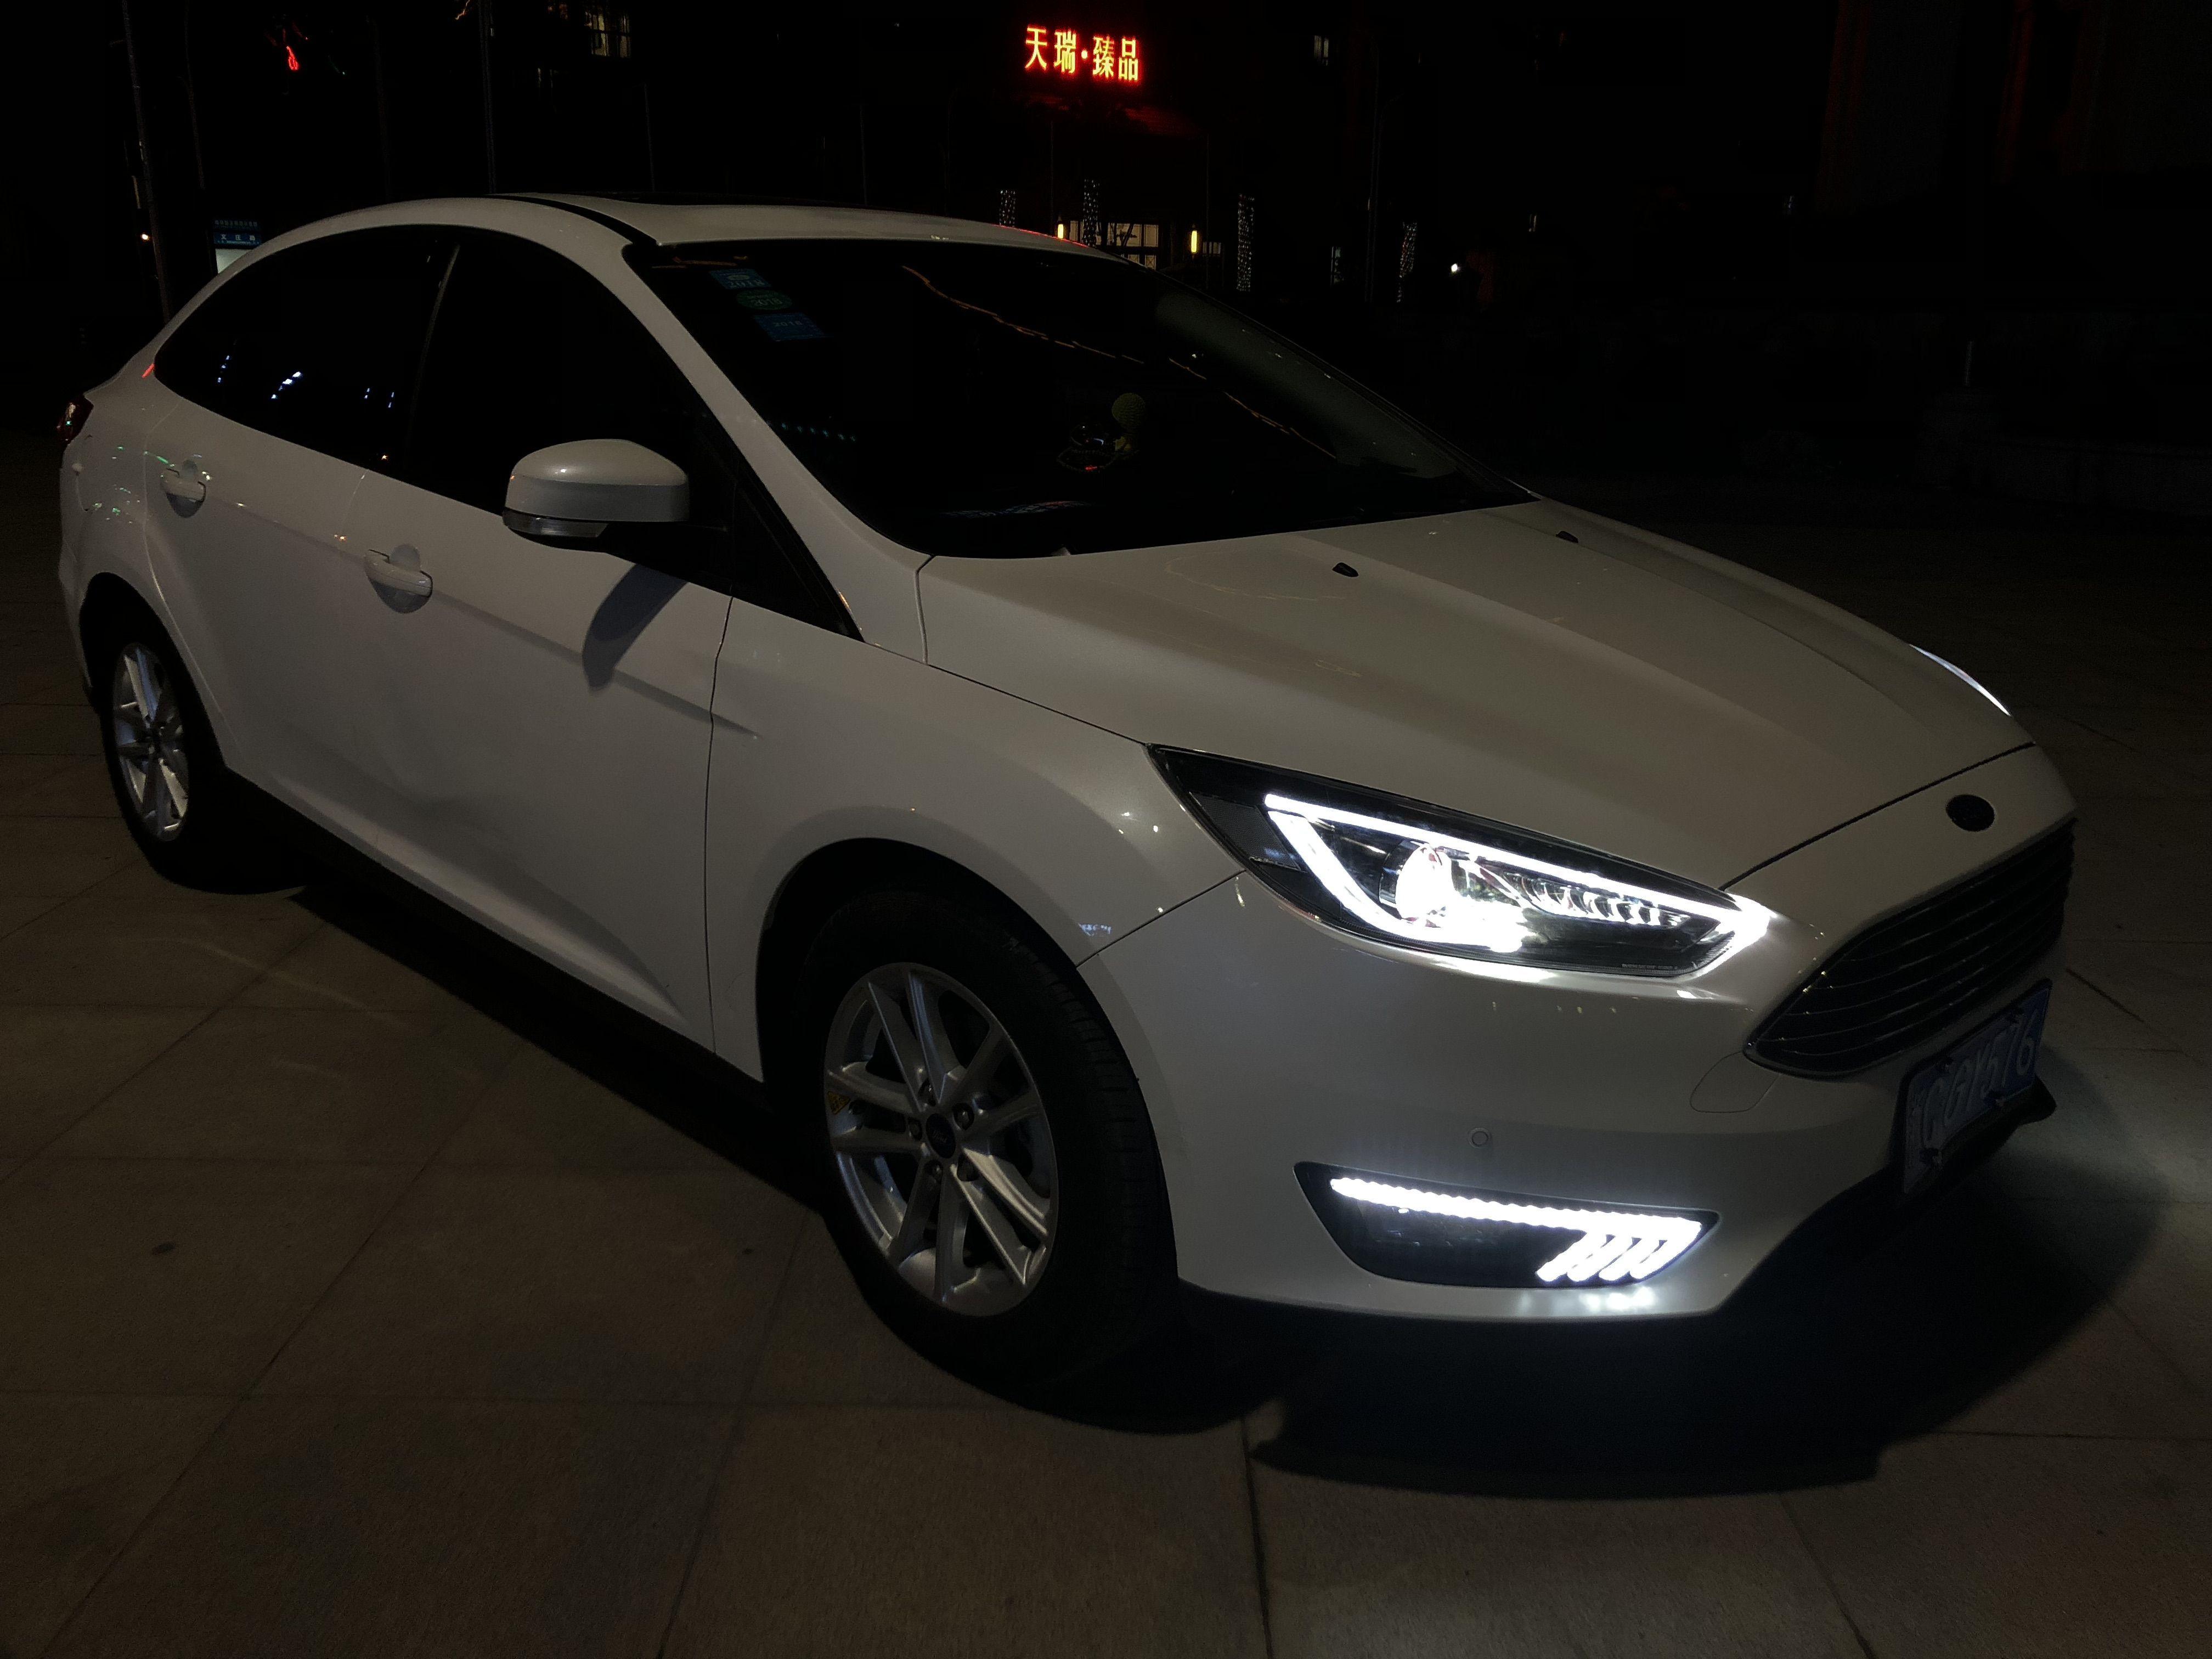 Vland New Style Car Light For Focus 2015 2017 Led Head Lamp Car